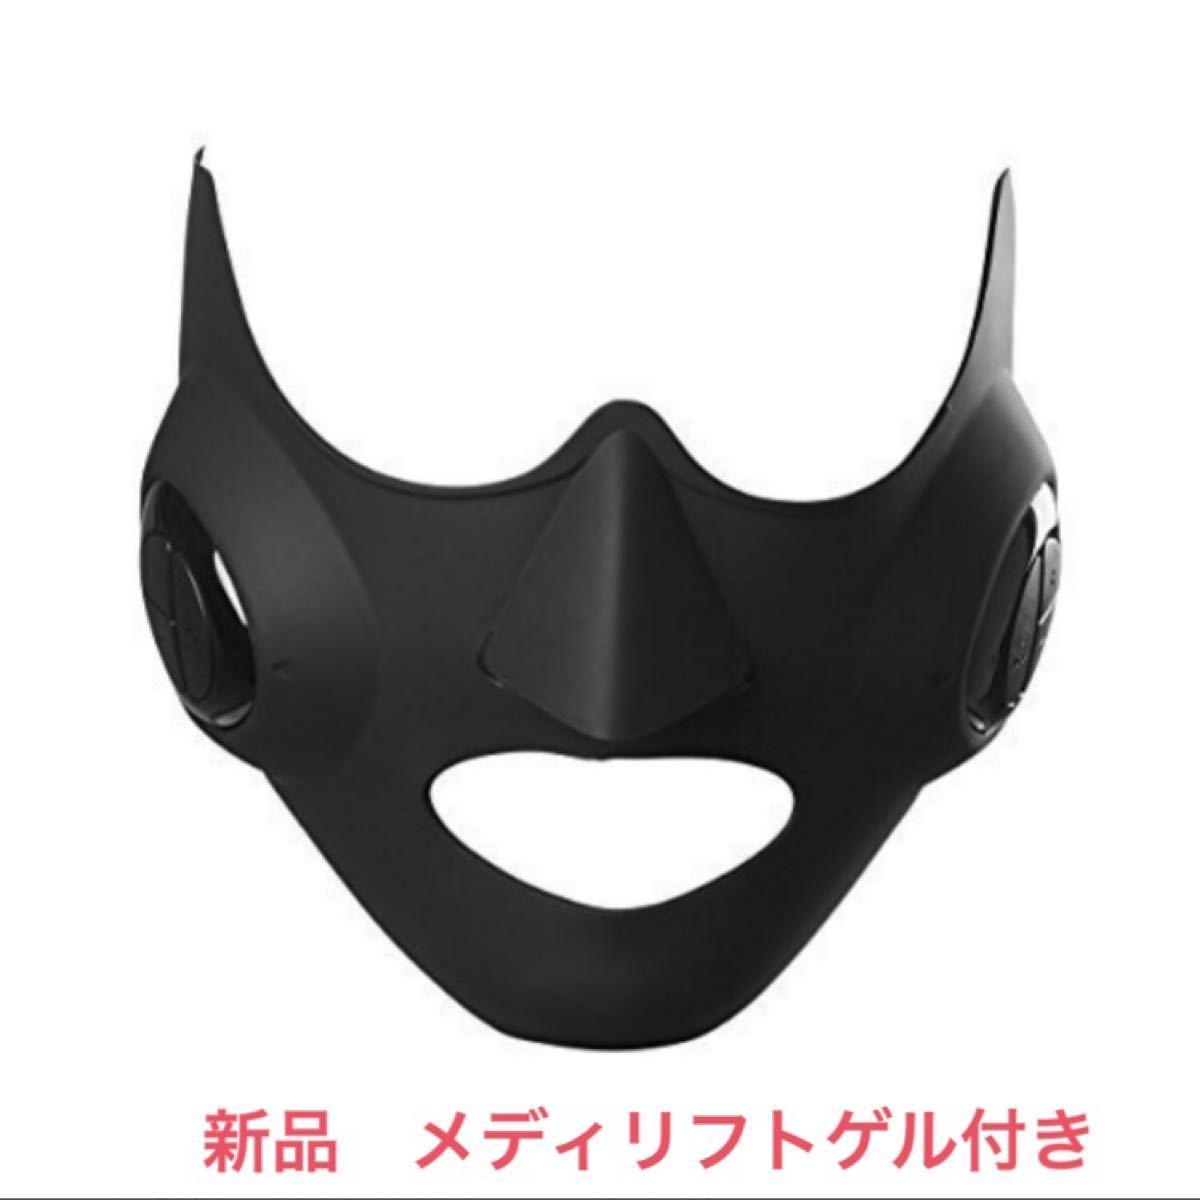 ★新品ゲル付き ★美顔器 ヤーマン メディリフトEP-14BB